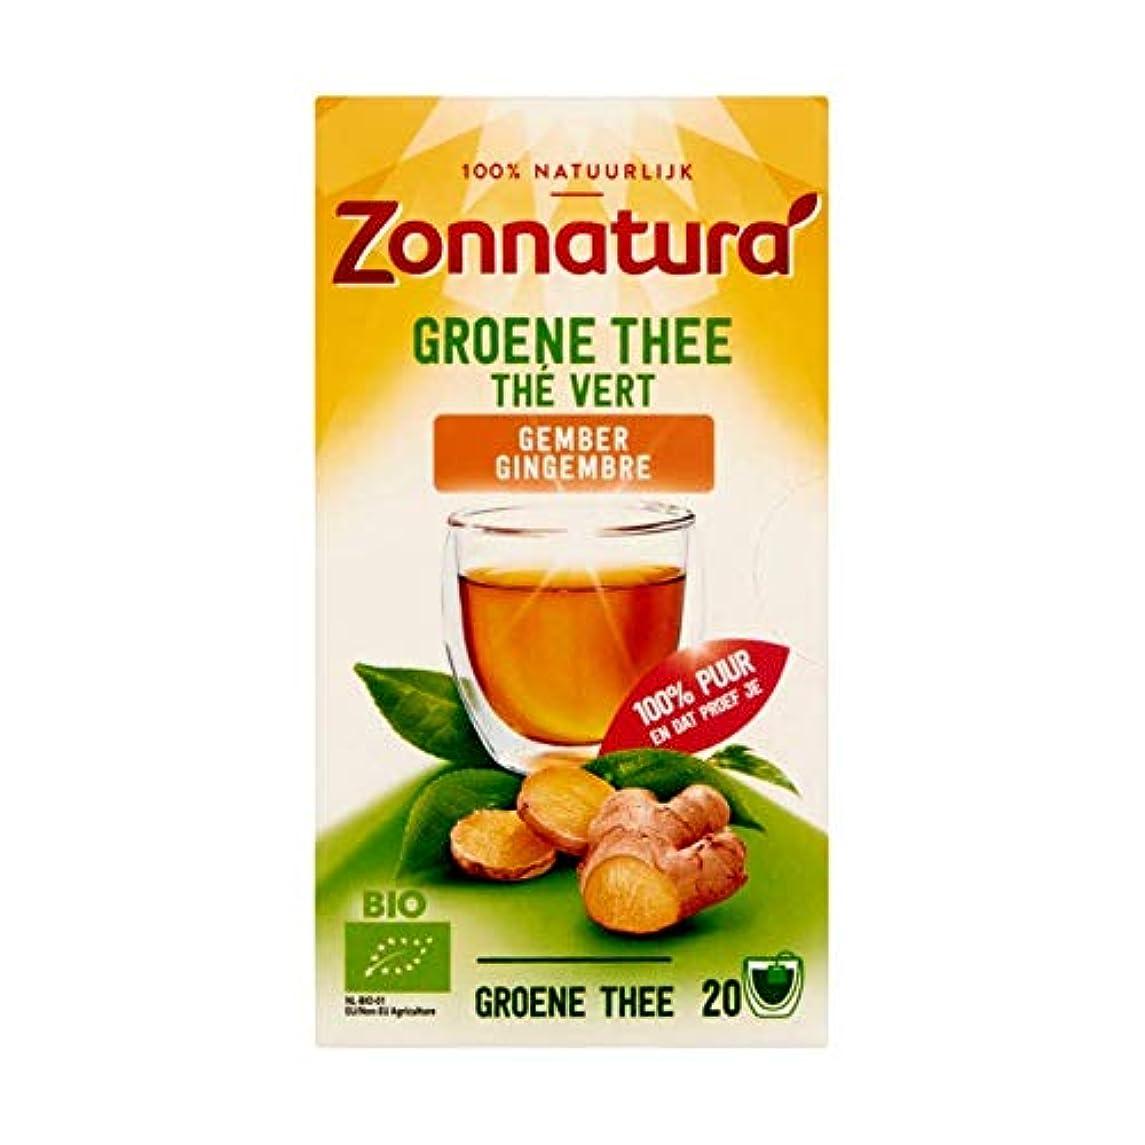 終了する潮ワーディアンケース緑茶   Zonnatura   グリーンティージンジャー20袋   総重量 34 グラム